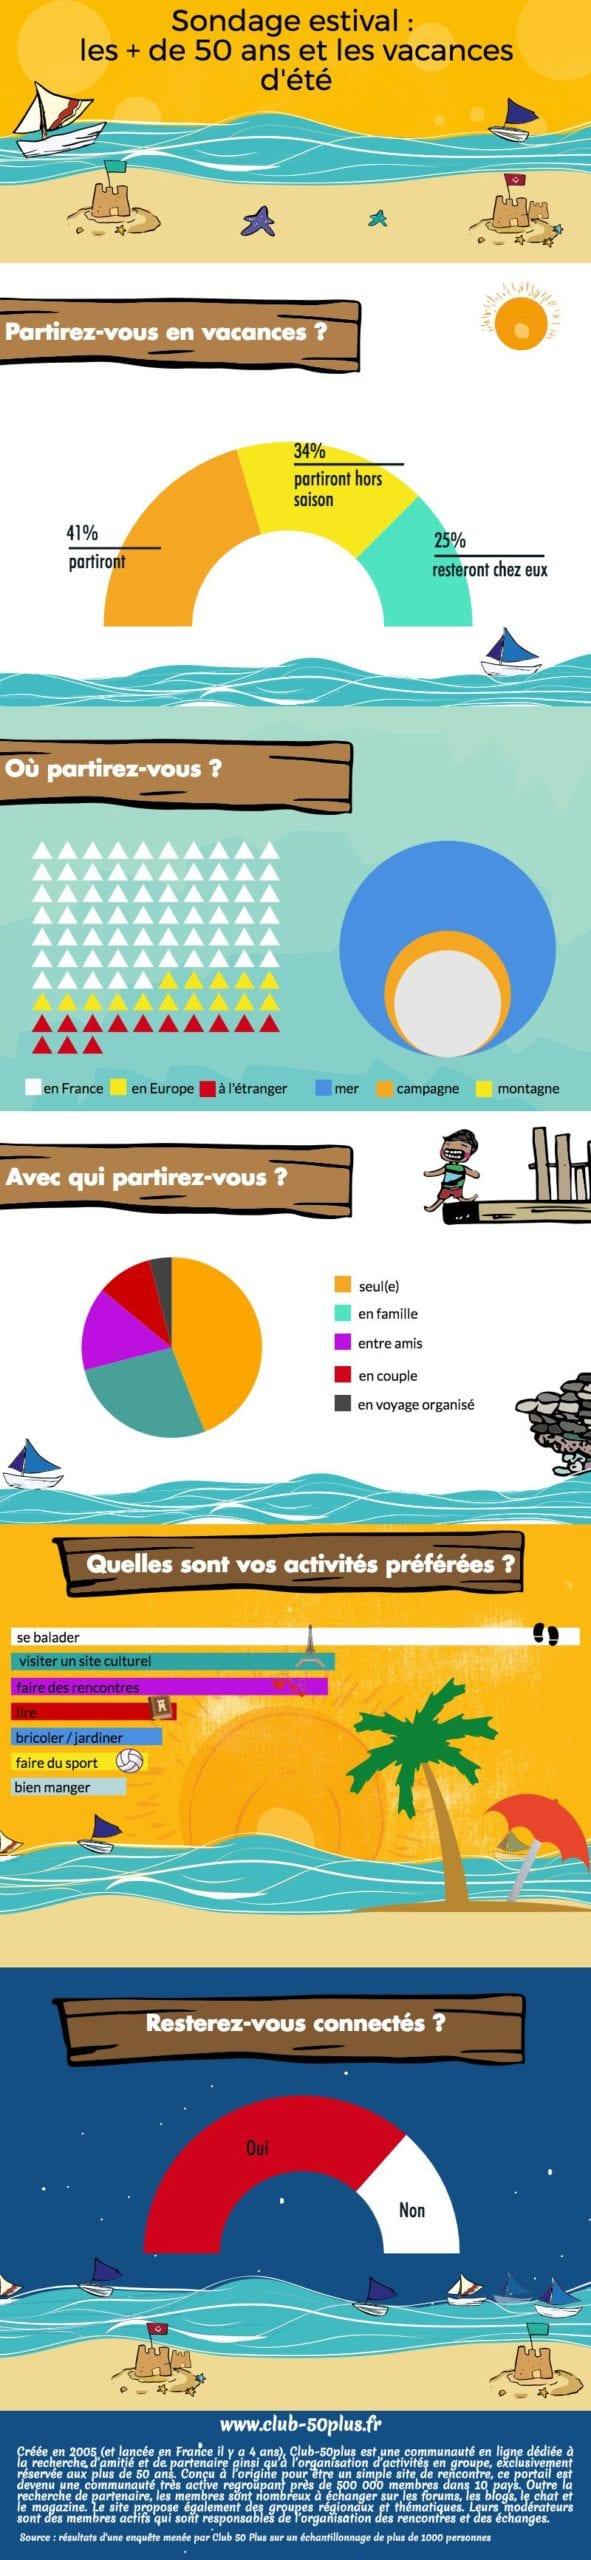 Infographie Les seniors & l'été